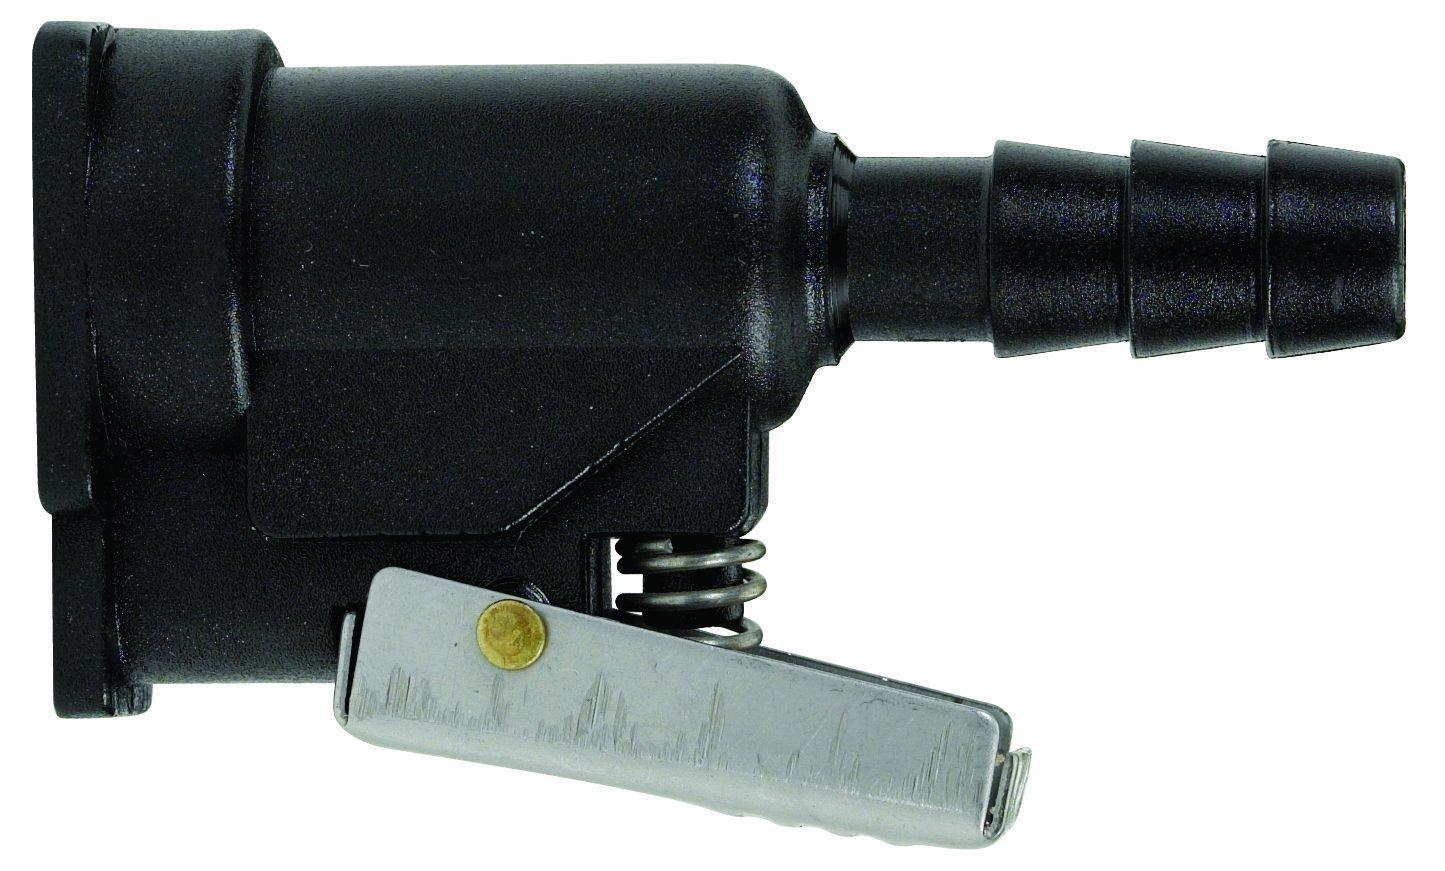 HTB1QNQZMVXXXXXRXVXXq6xXFXXXV moeller johnson evinrude barb fuel line engine connector, 3 8 inch